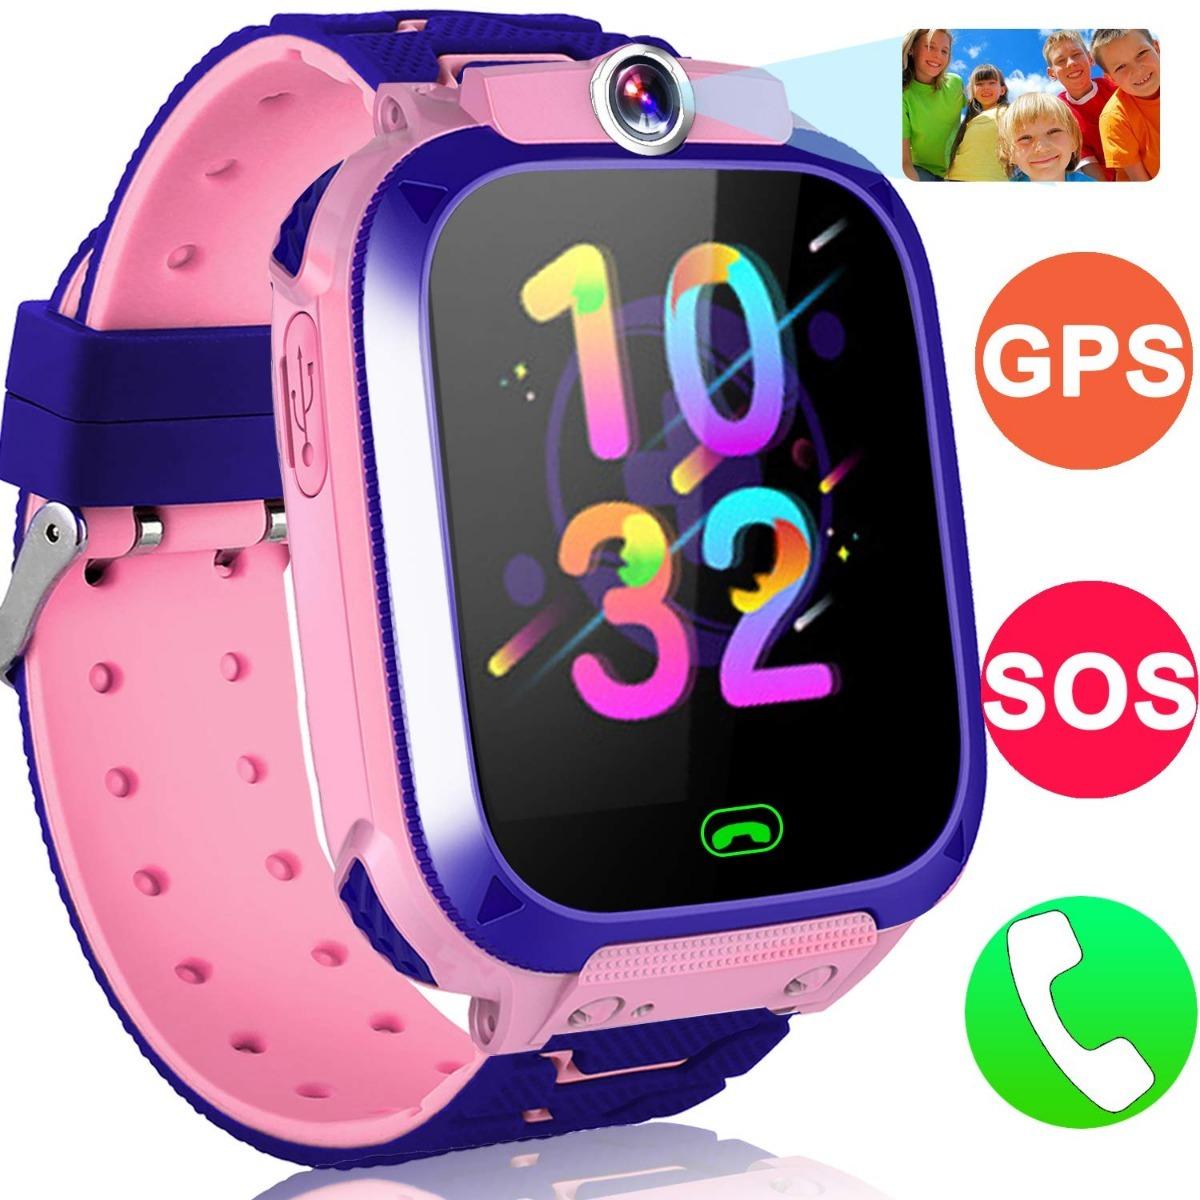 96ca105f28b6b reloj inteligente para niños rastreador con gps y llamadas. Cargando zoom.